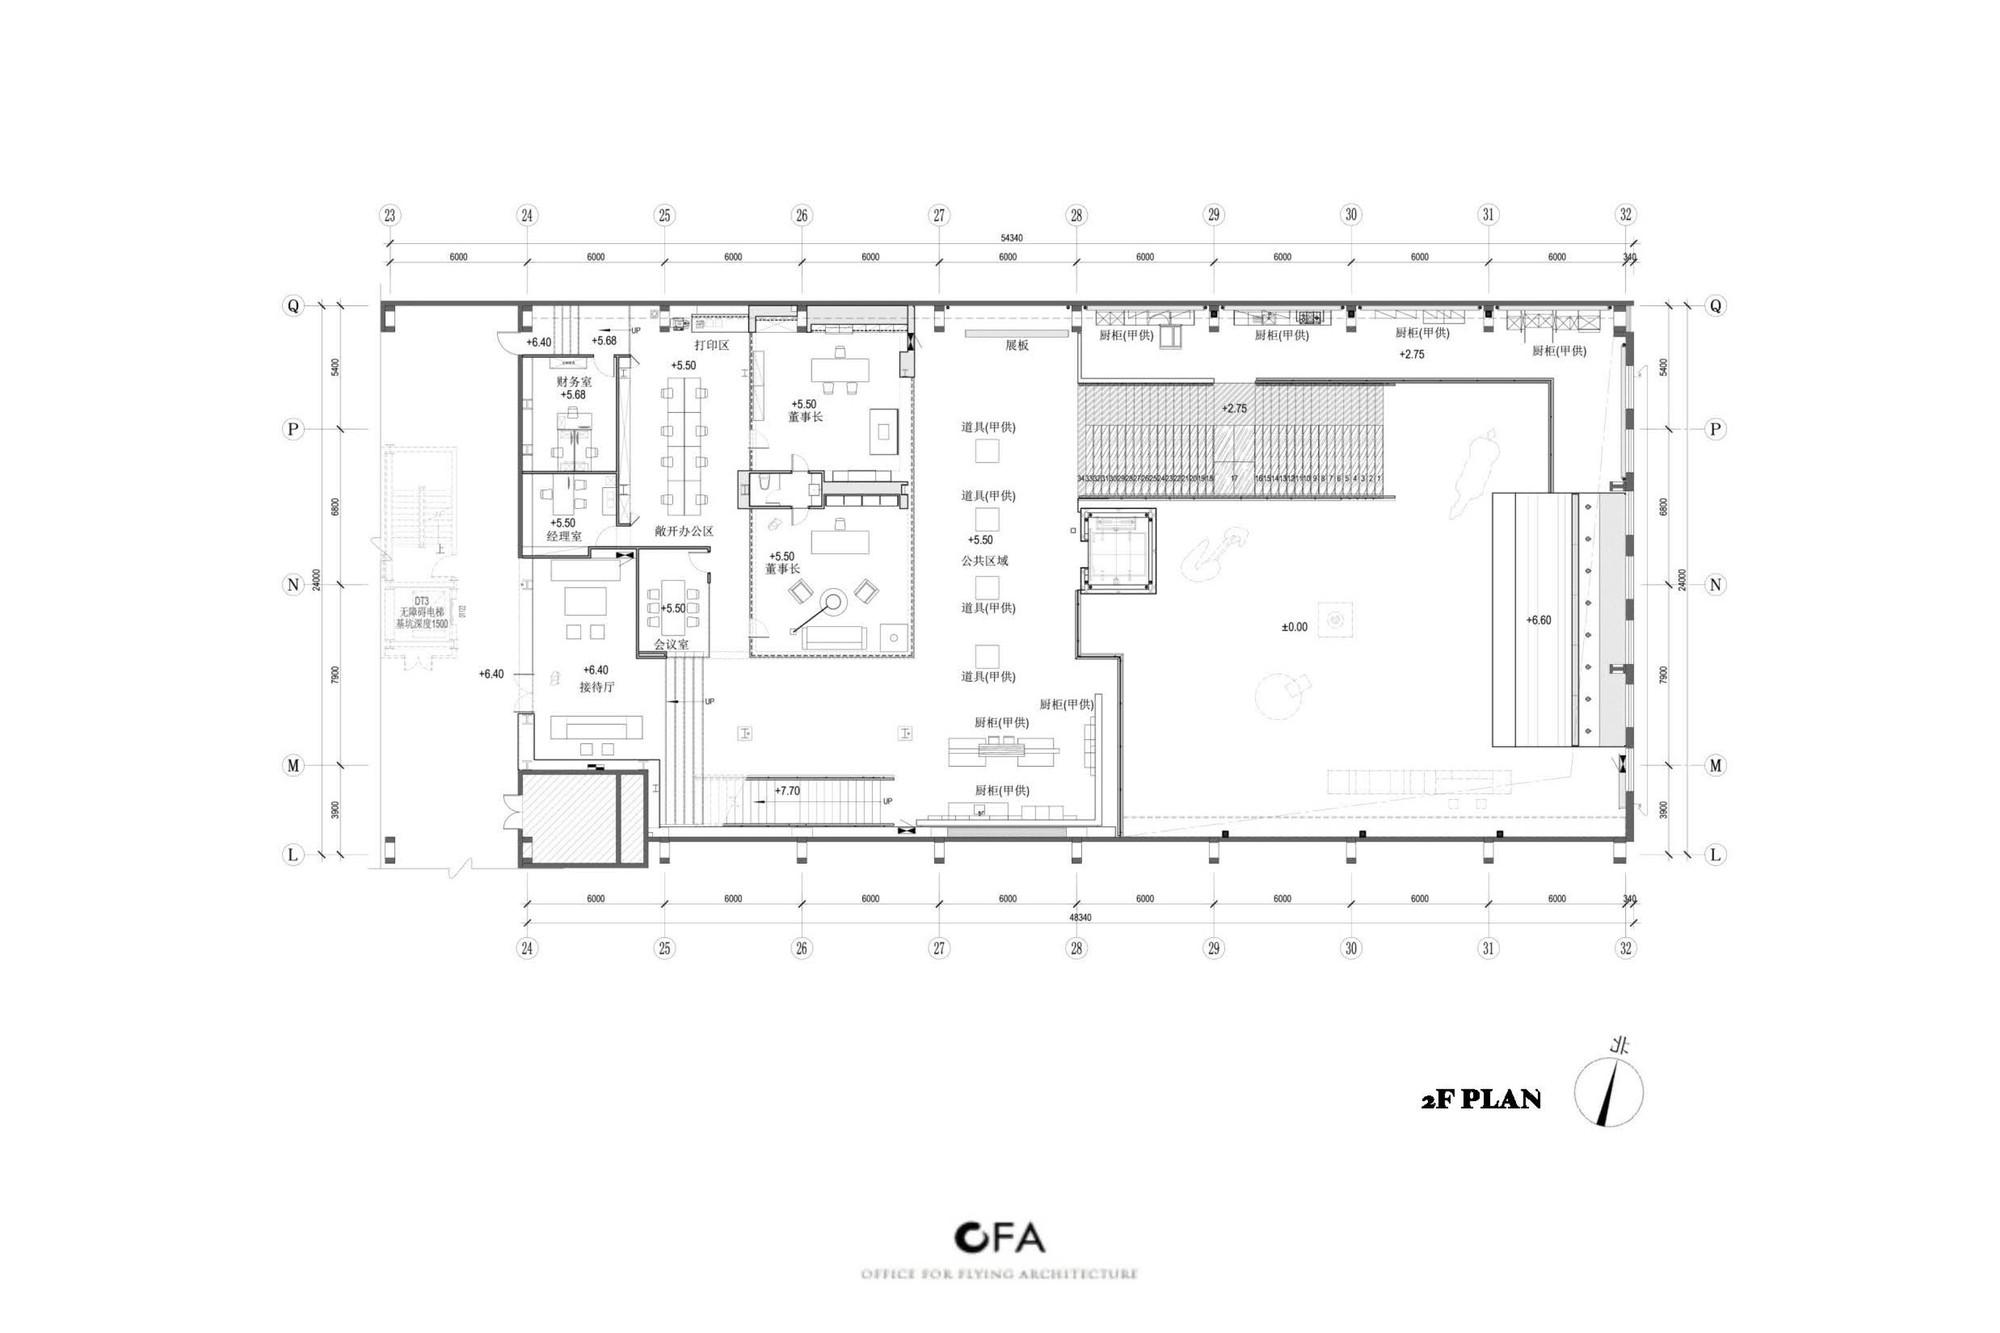 12v garden lighting wiring diagram